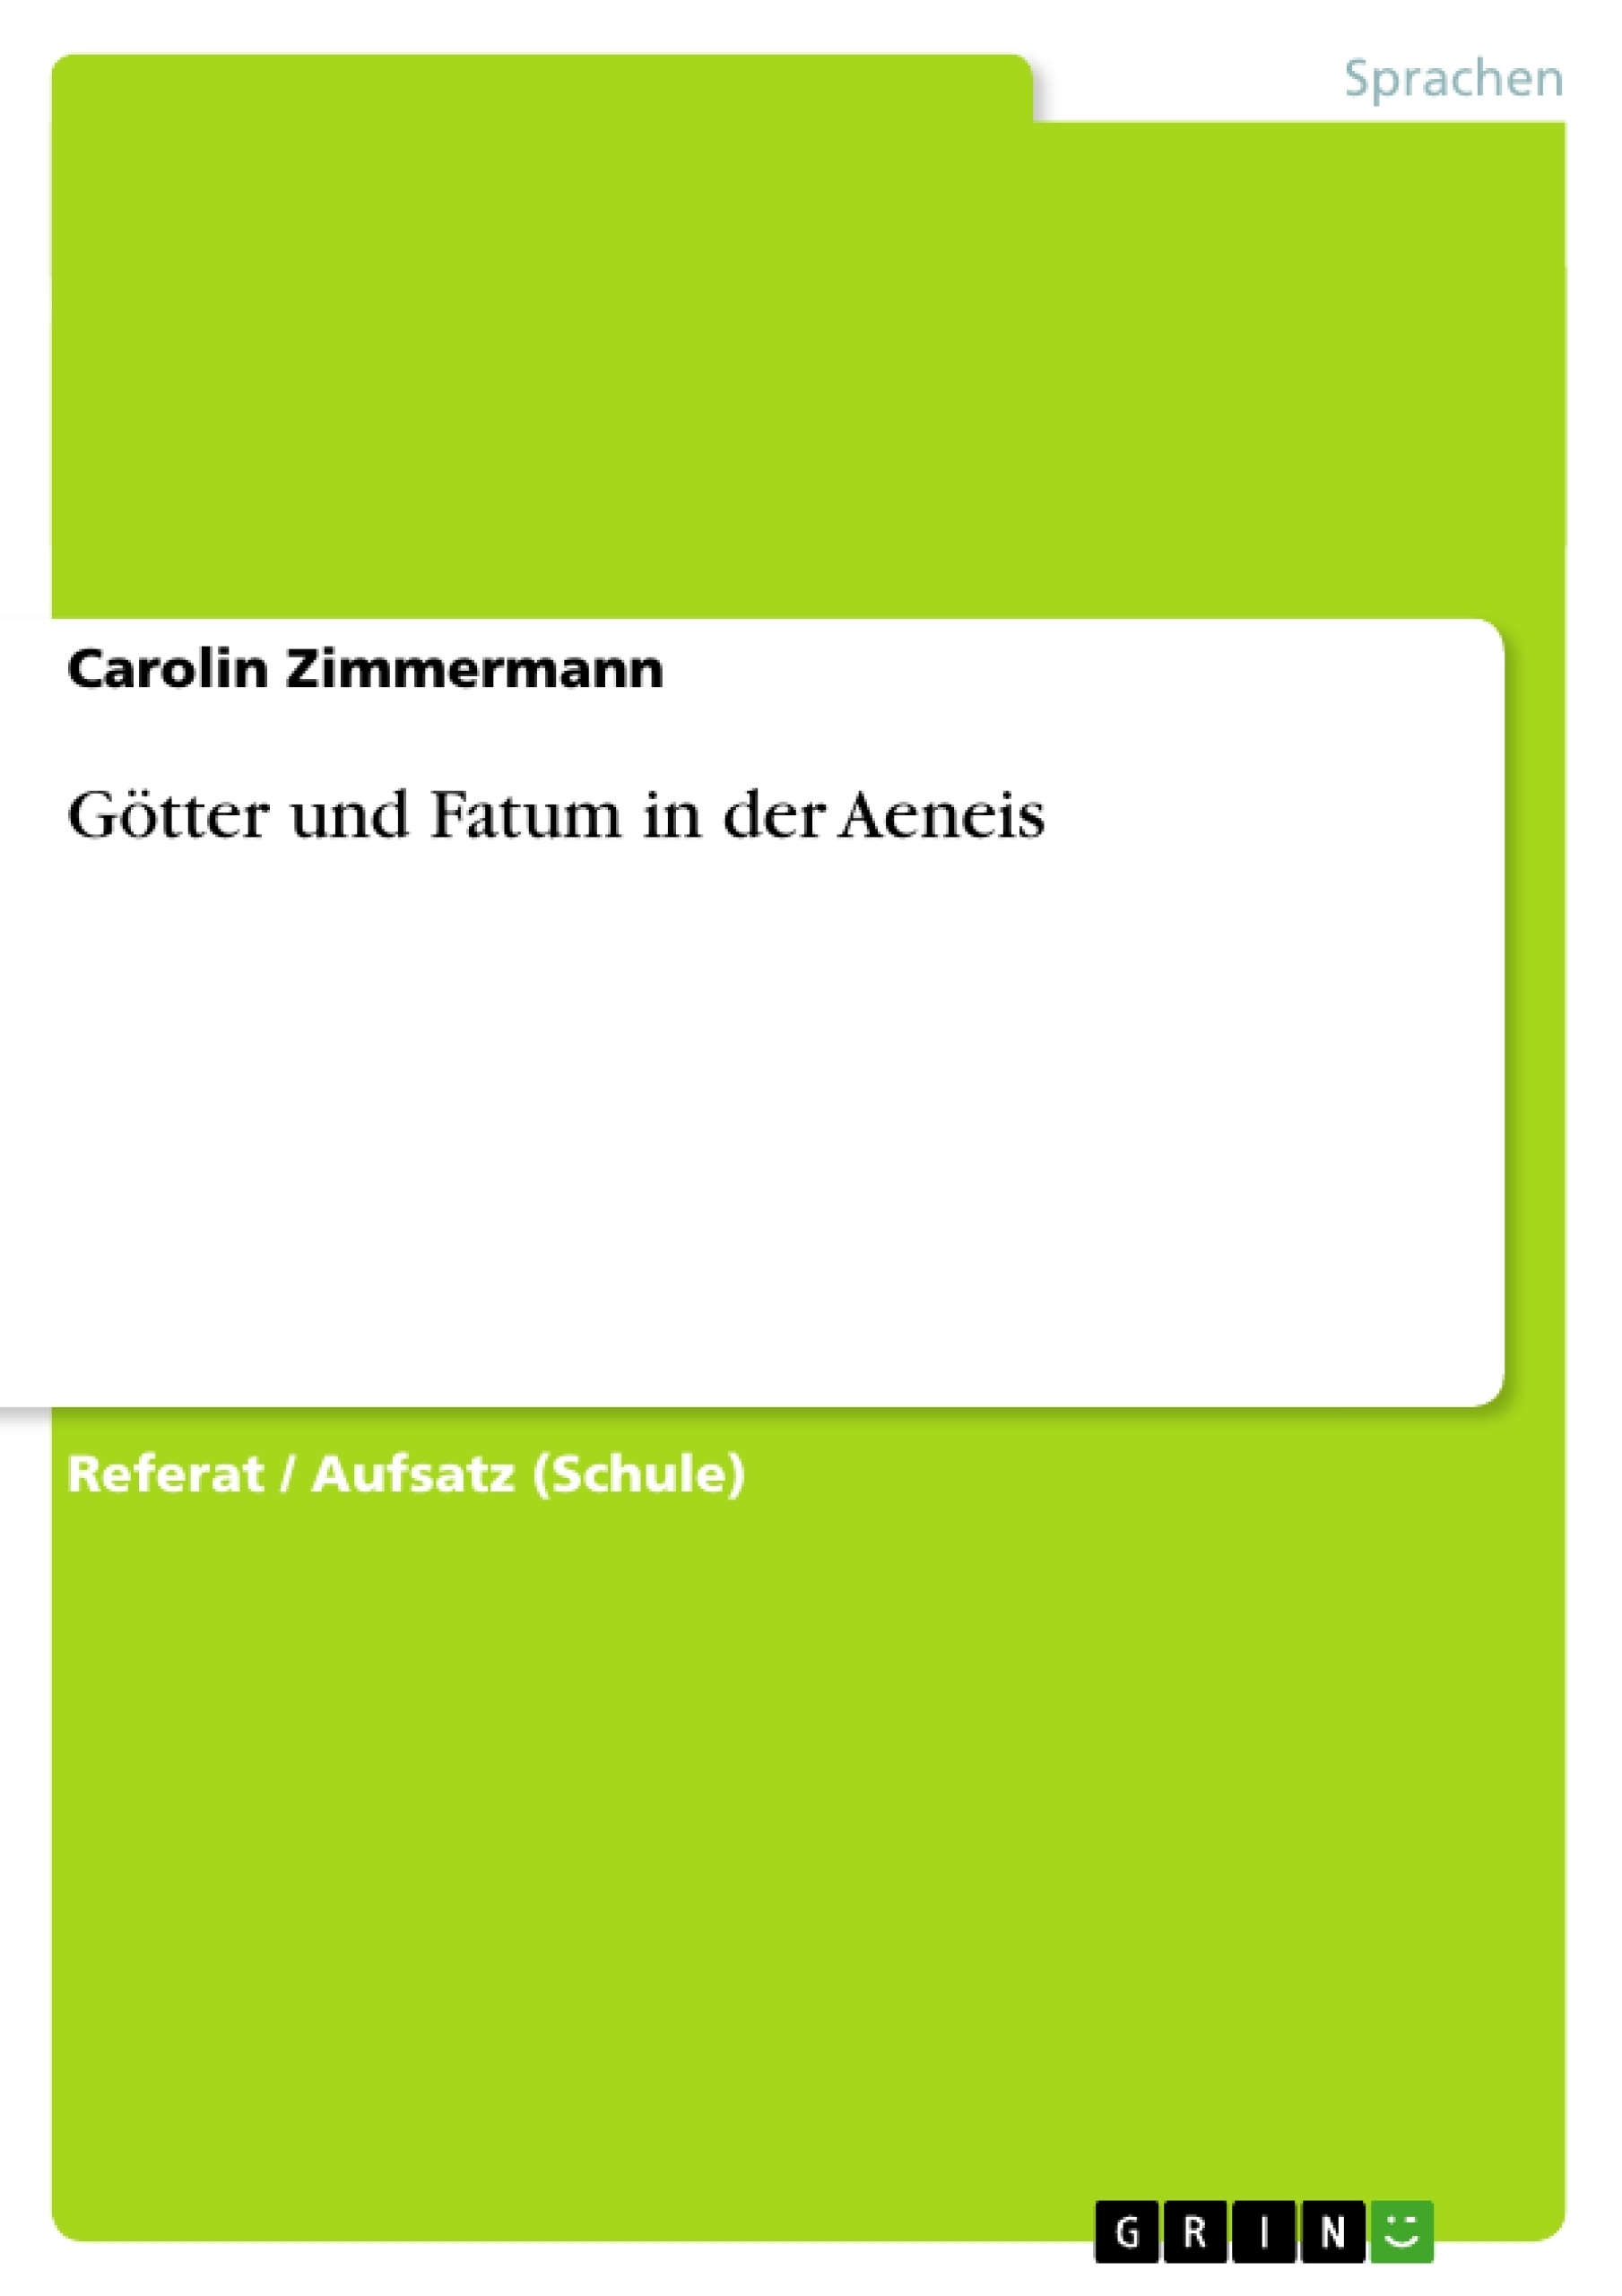 Titel: Götter und Fatum in der Aeneis